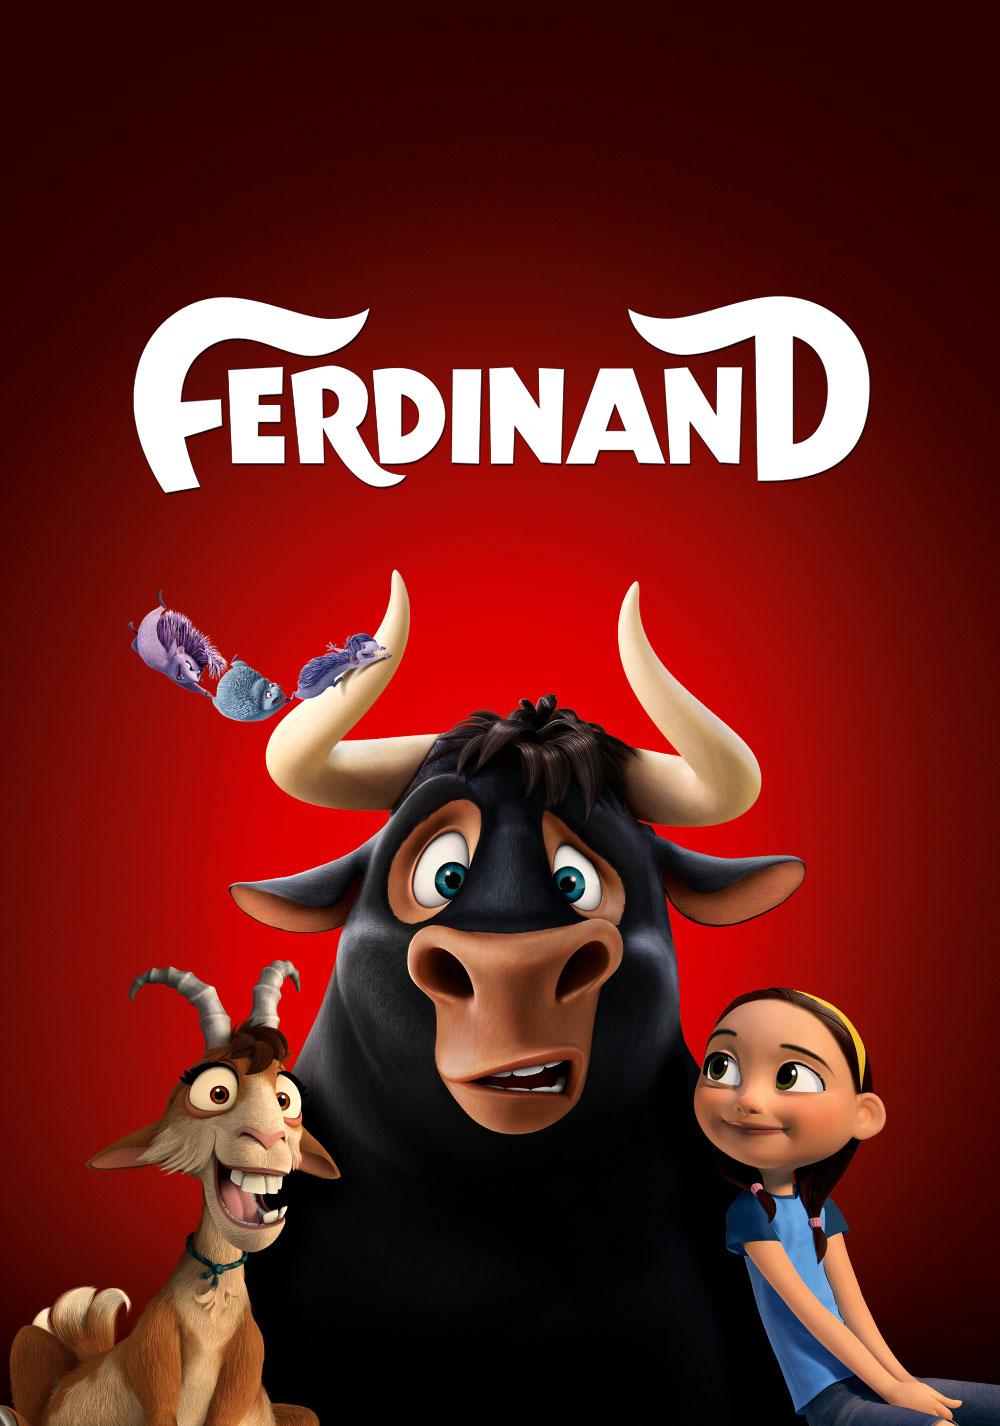 ferdinand-5b4af02936766 (1).jpg